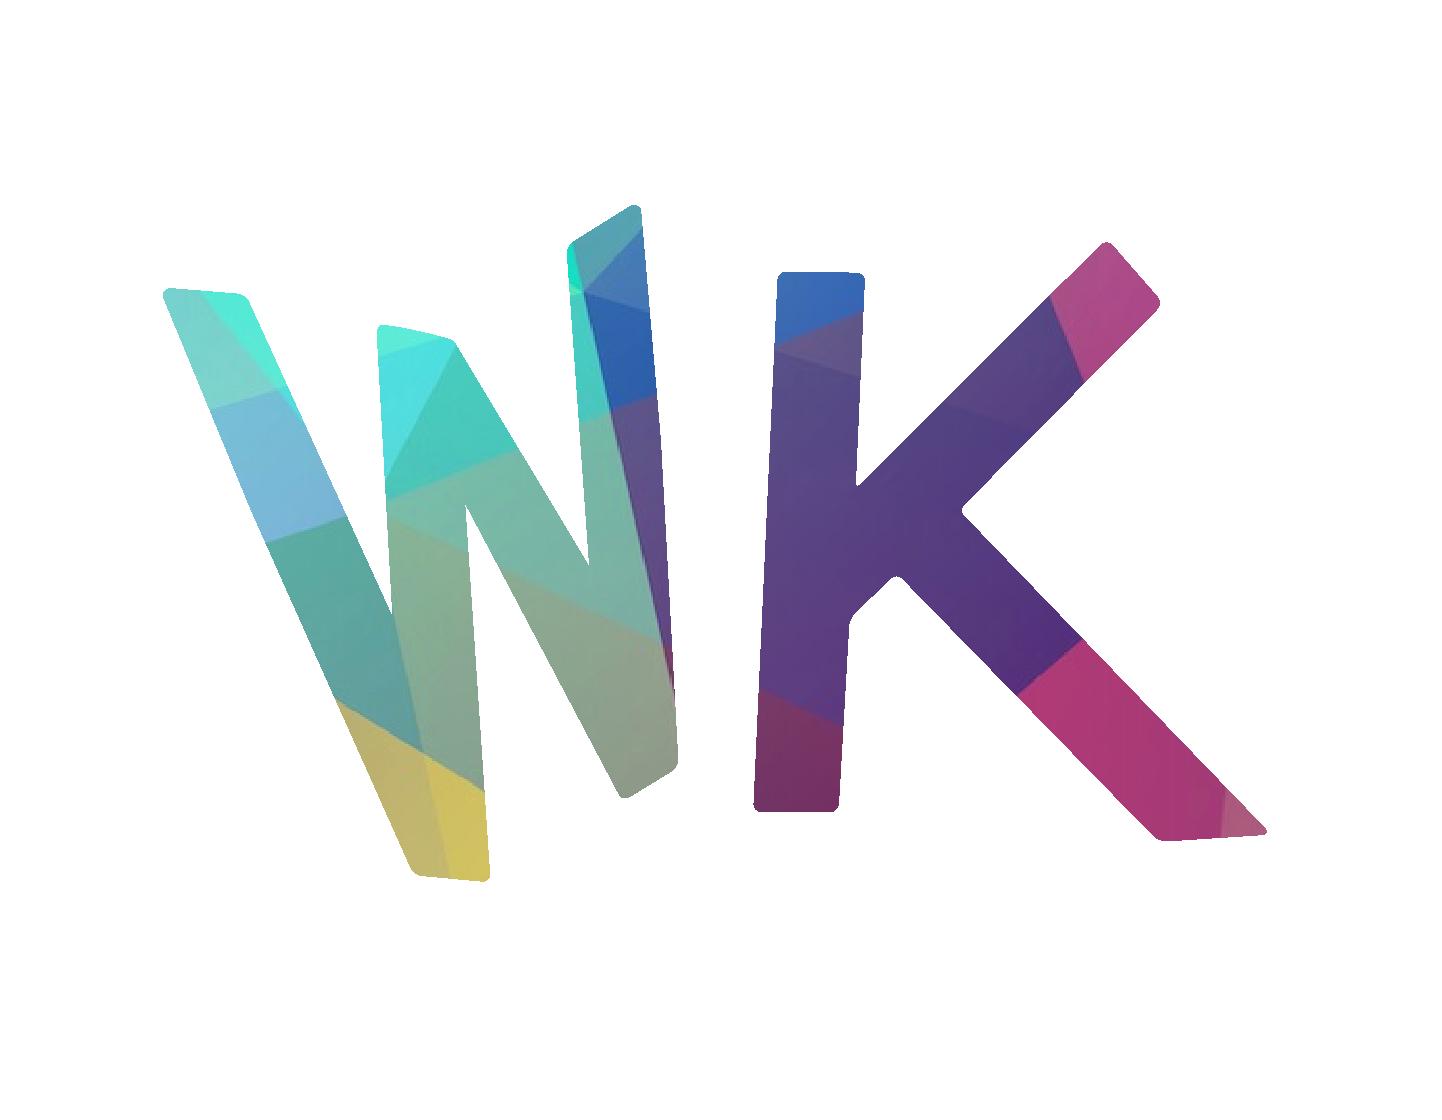 Wk logo color 02